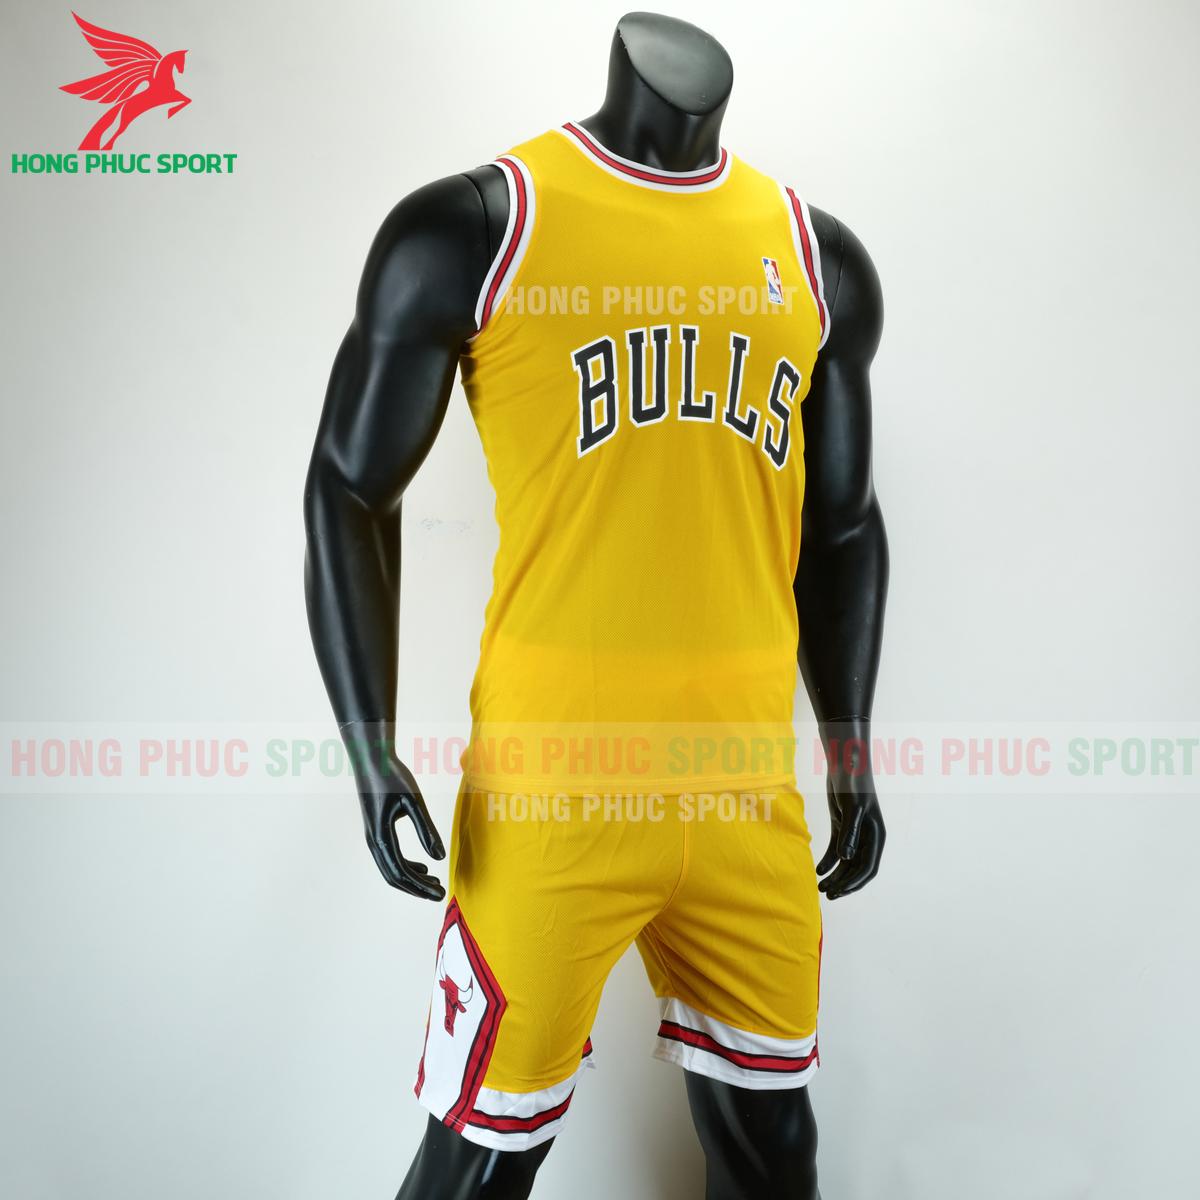 Áo bóng rổ Bulls 2020 màu vàng (phải)